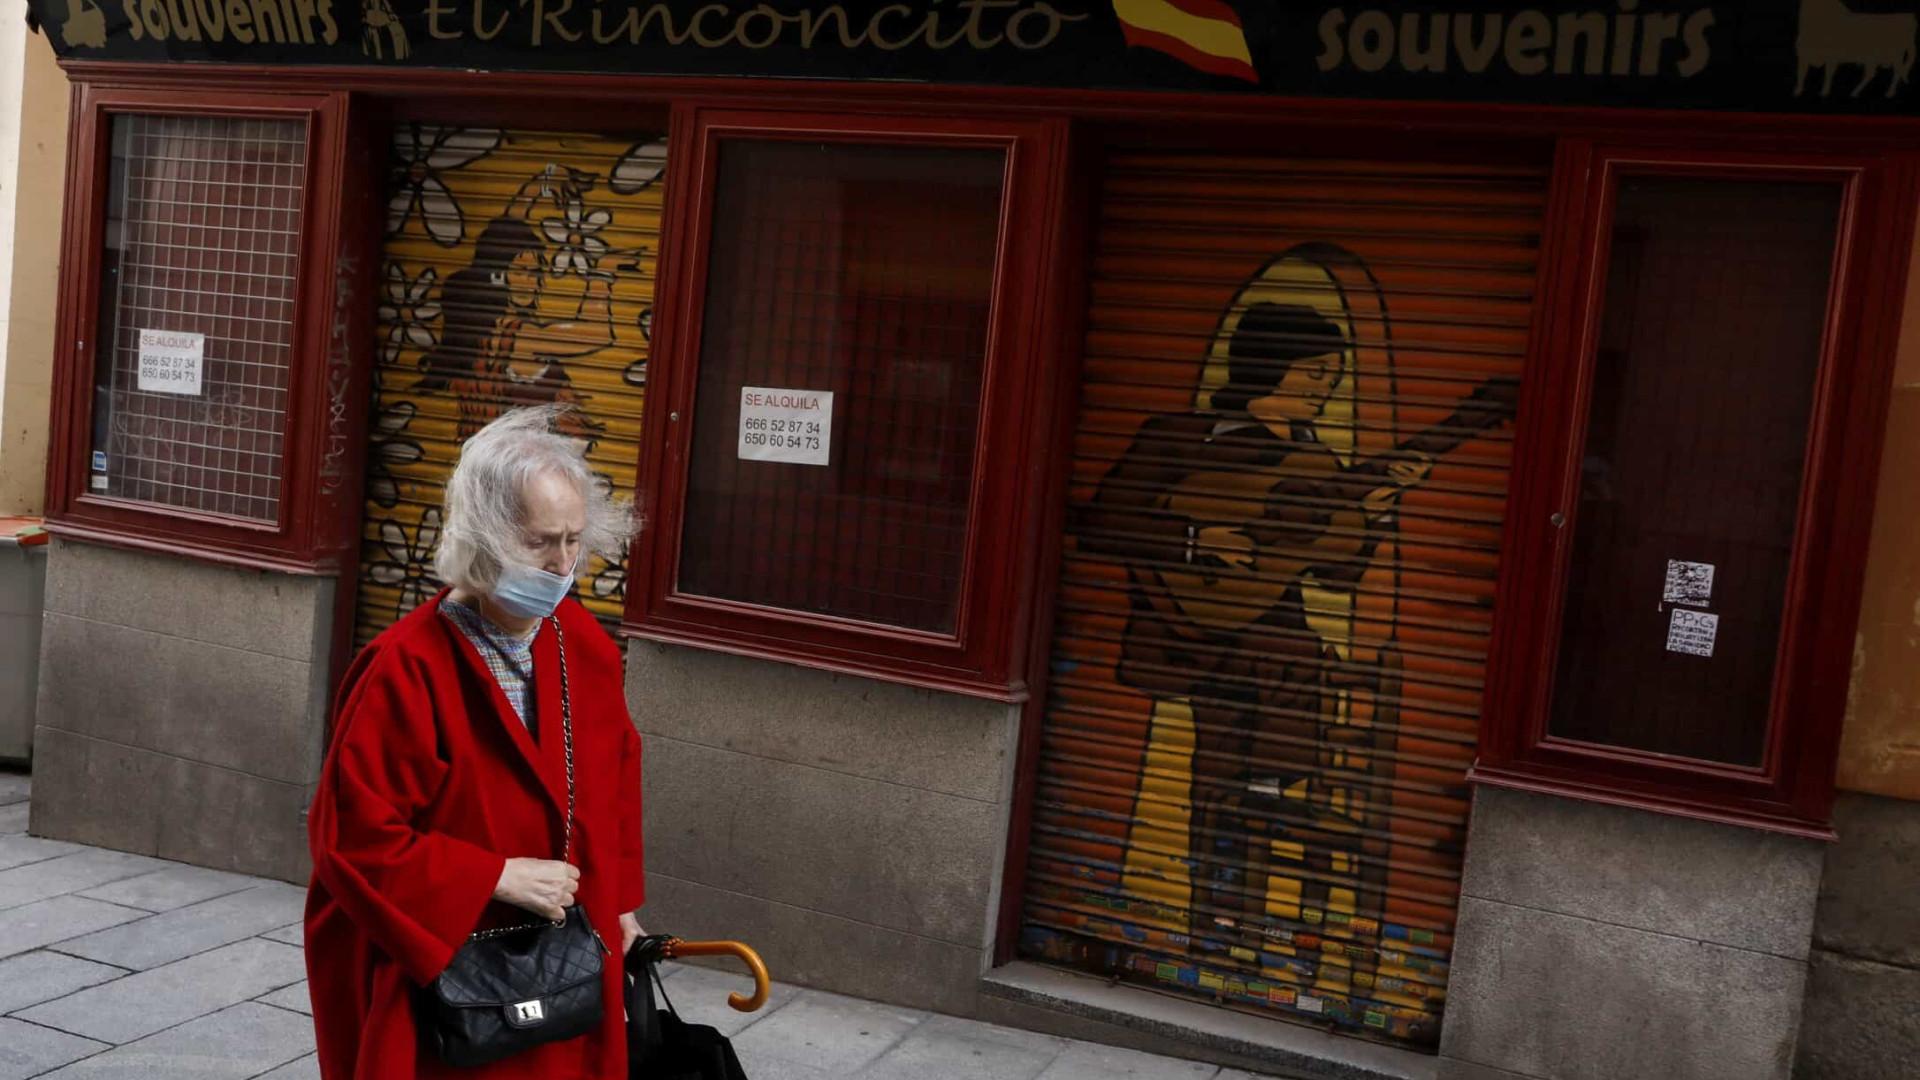 Espanha notifica 4 mil casos e 30 óbitos. Incidência mantém-se estável